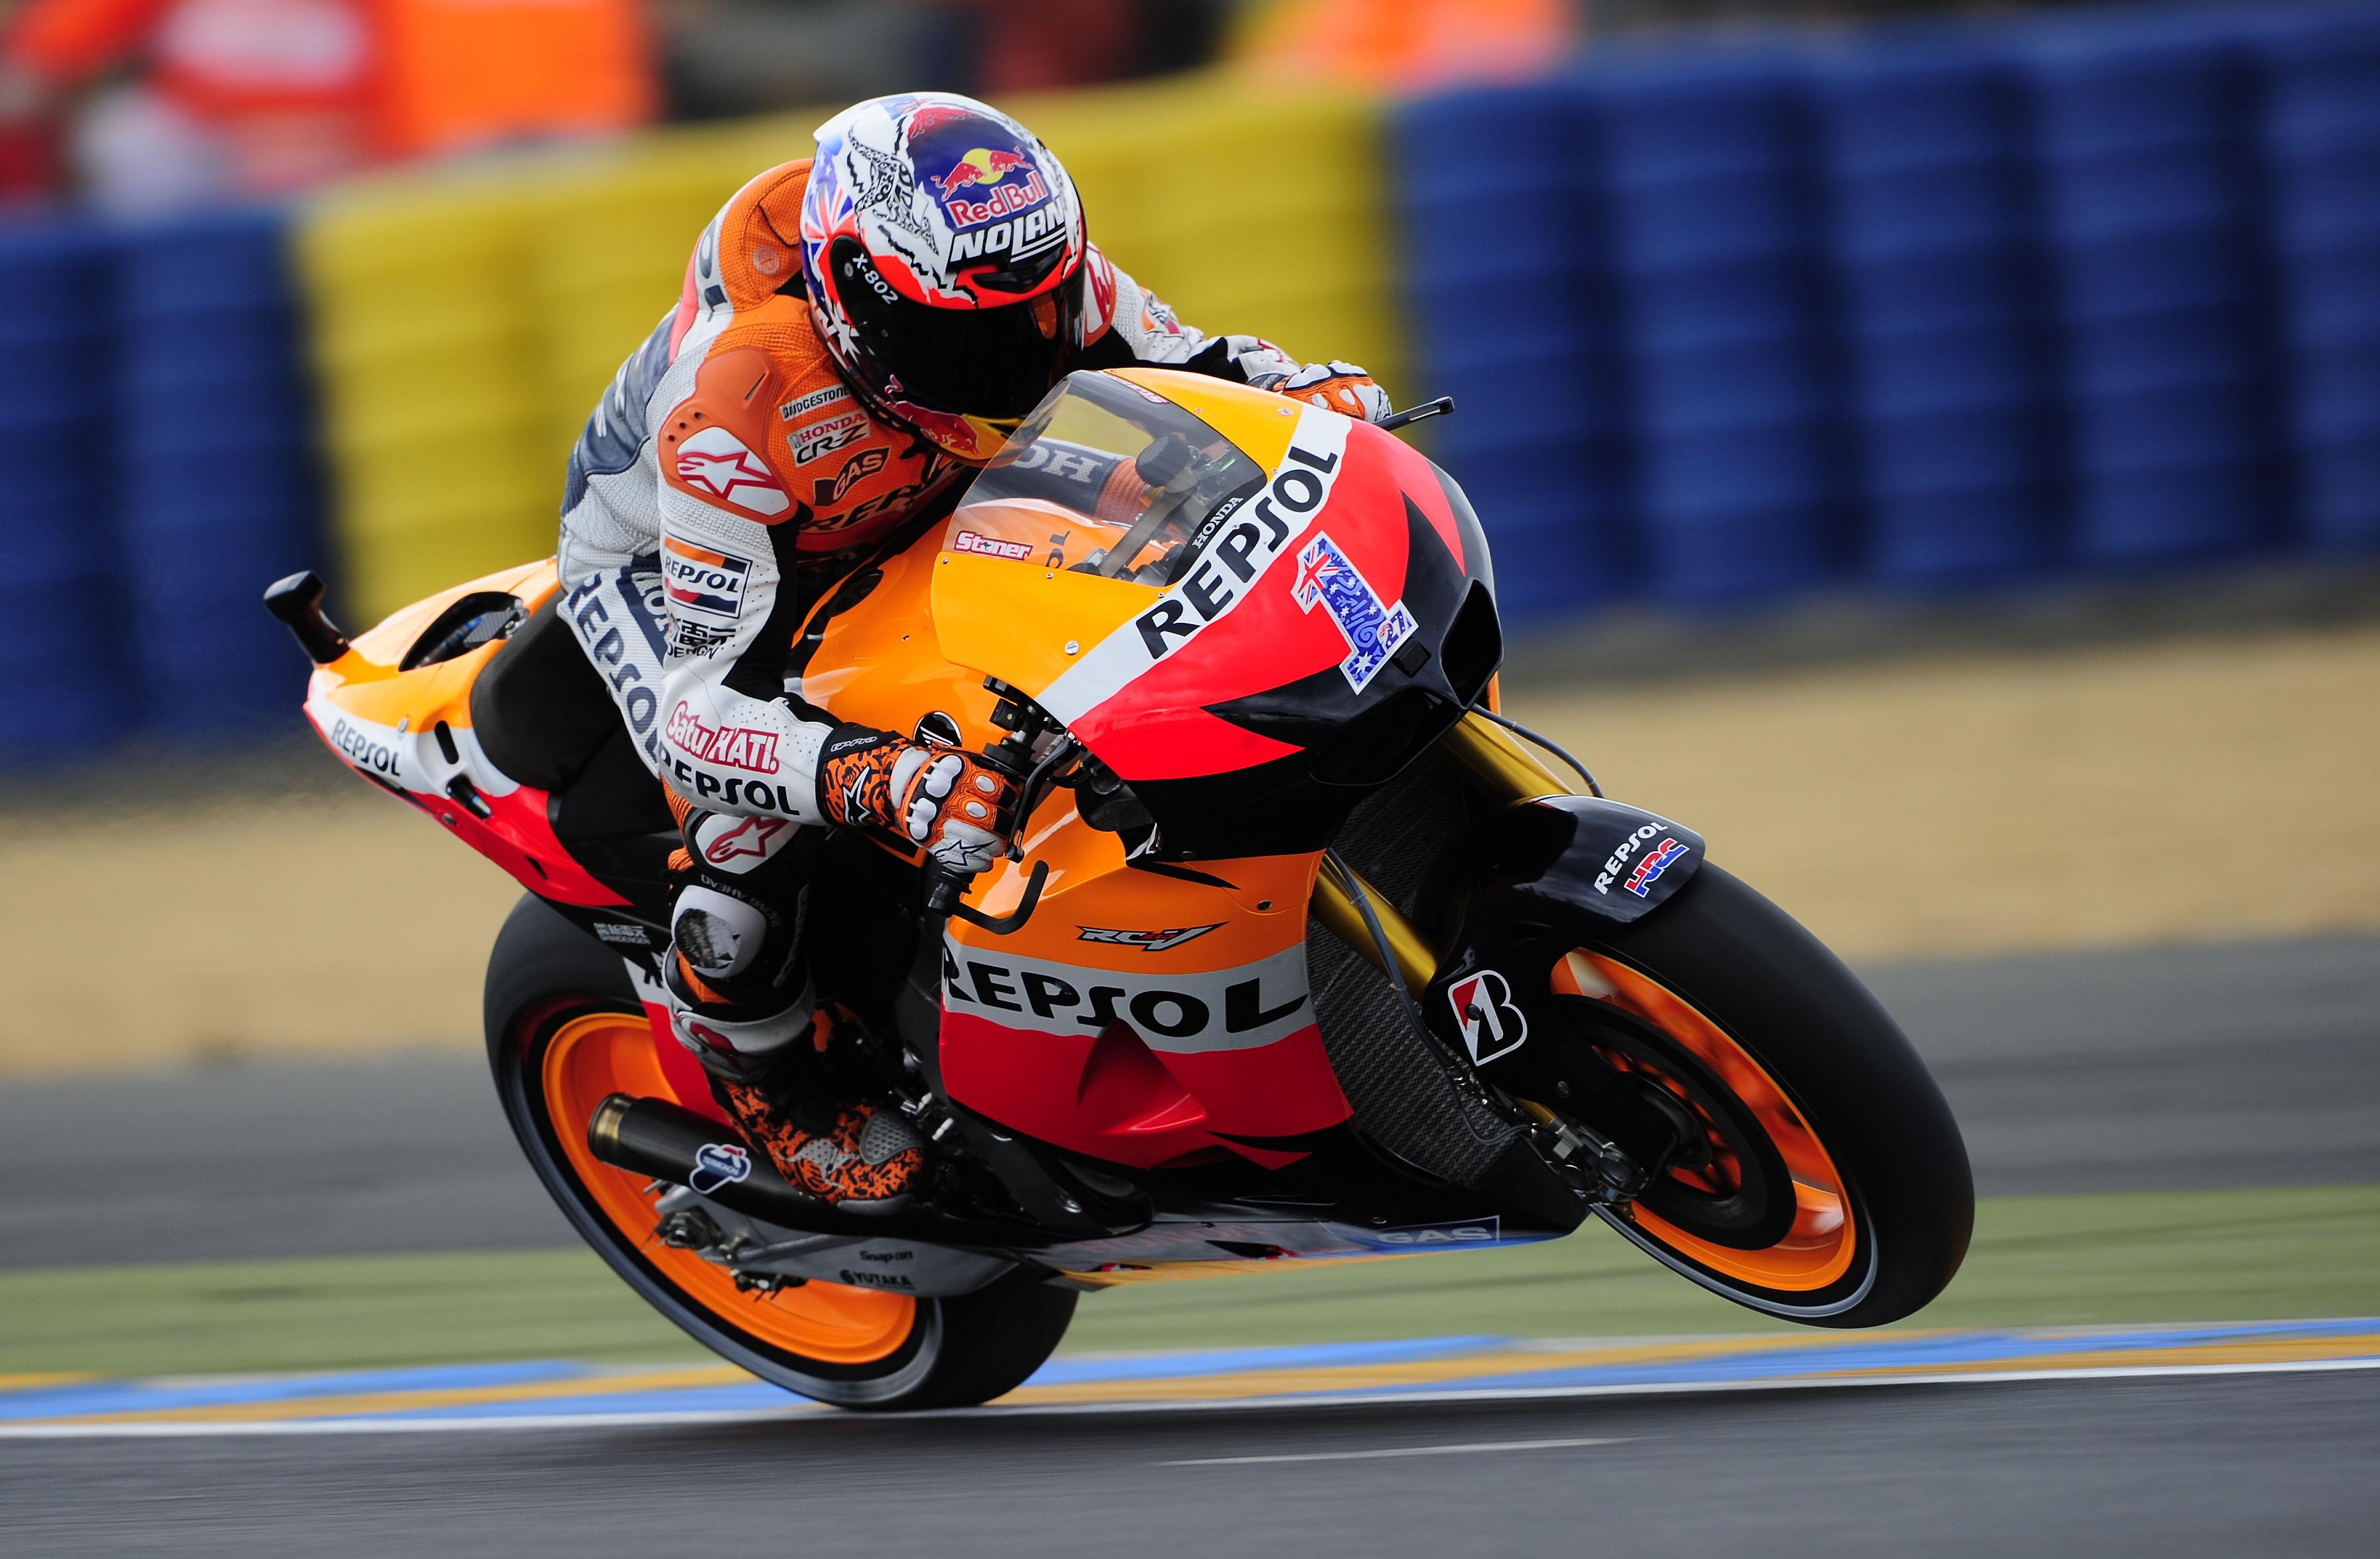 Stoner, Espargaró y Oliveira dominan en el FP3 de Gran Premio de Francia